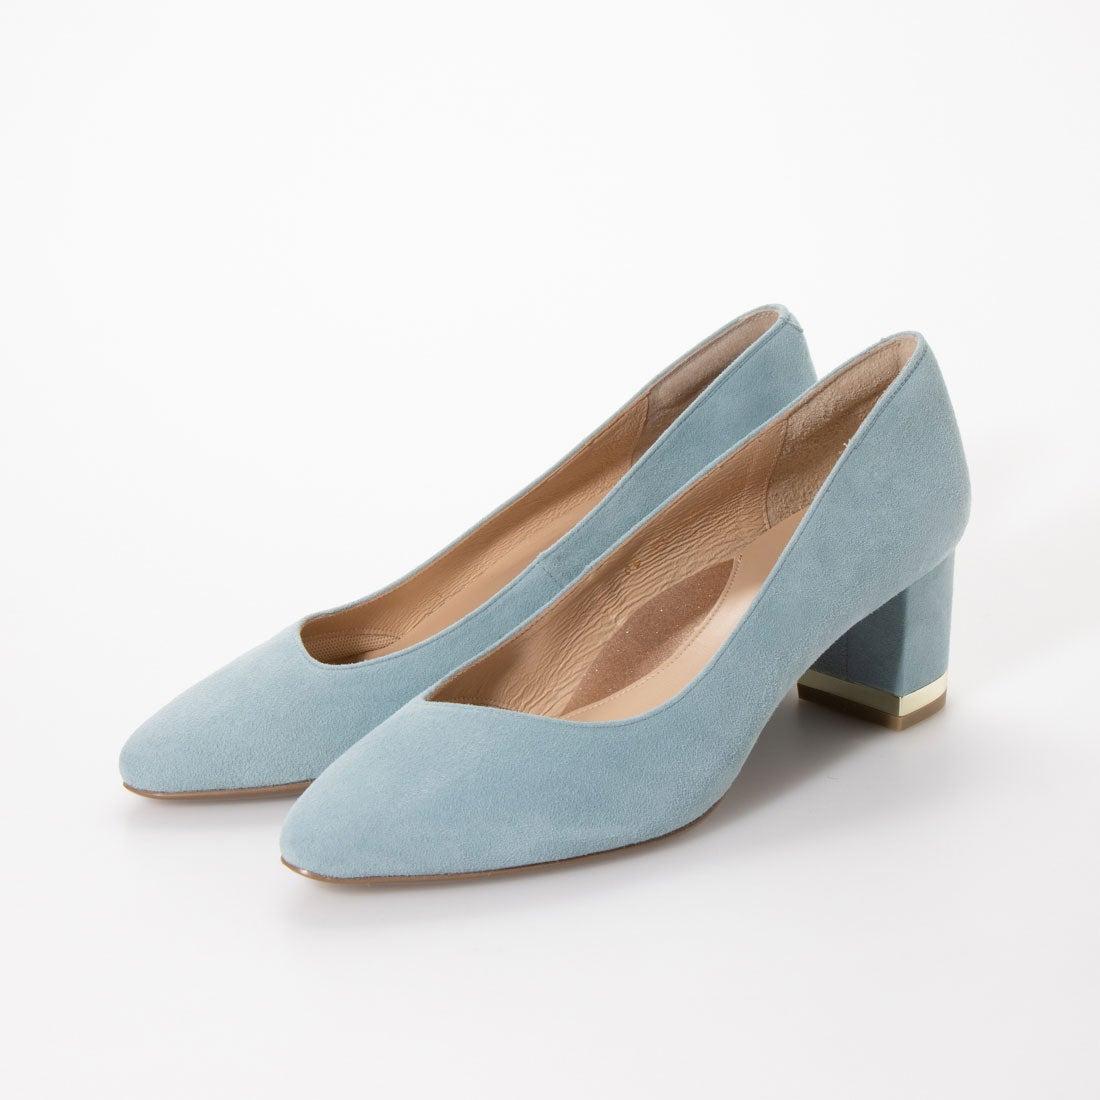 ロコンド 靴とファッションの通販サイトスタイルラボ STYLE lab (ライトブルースエード)